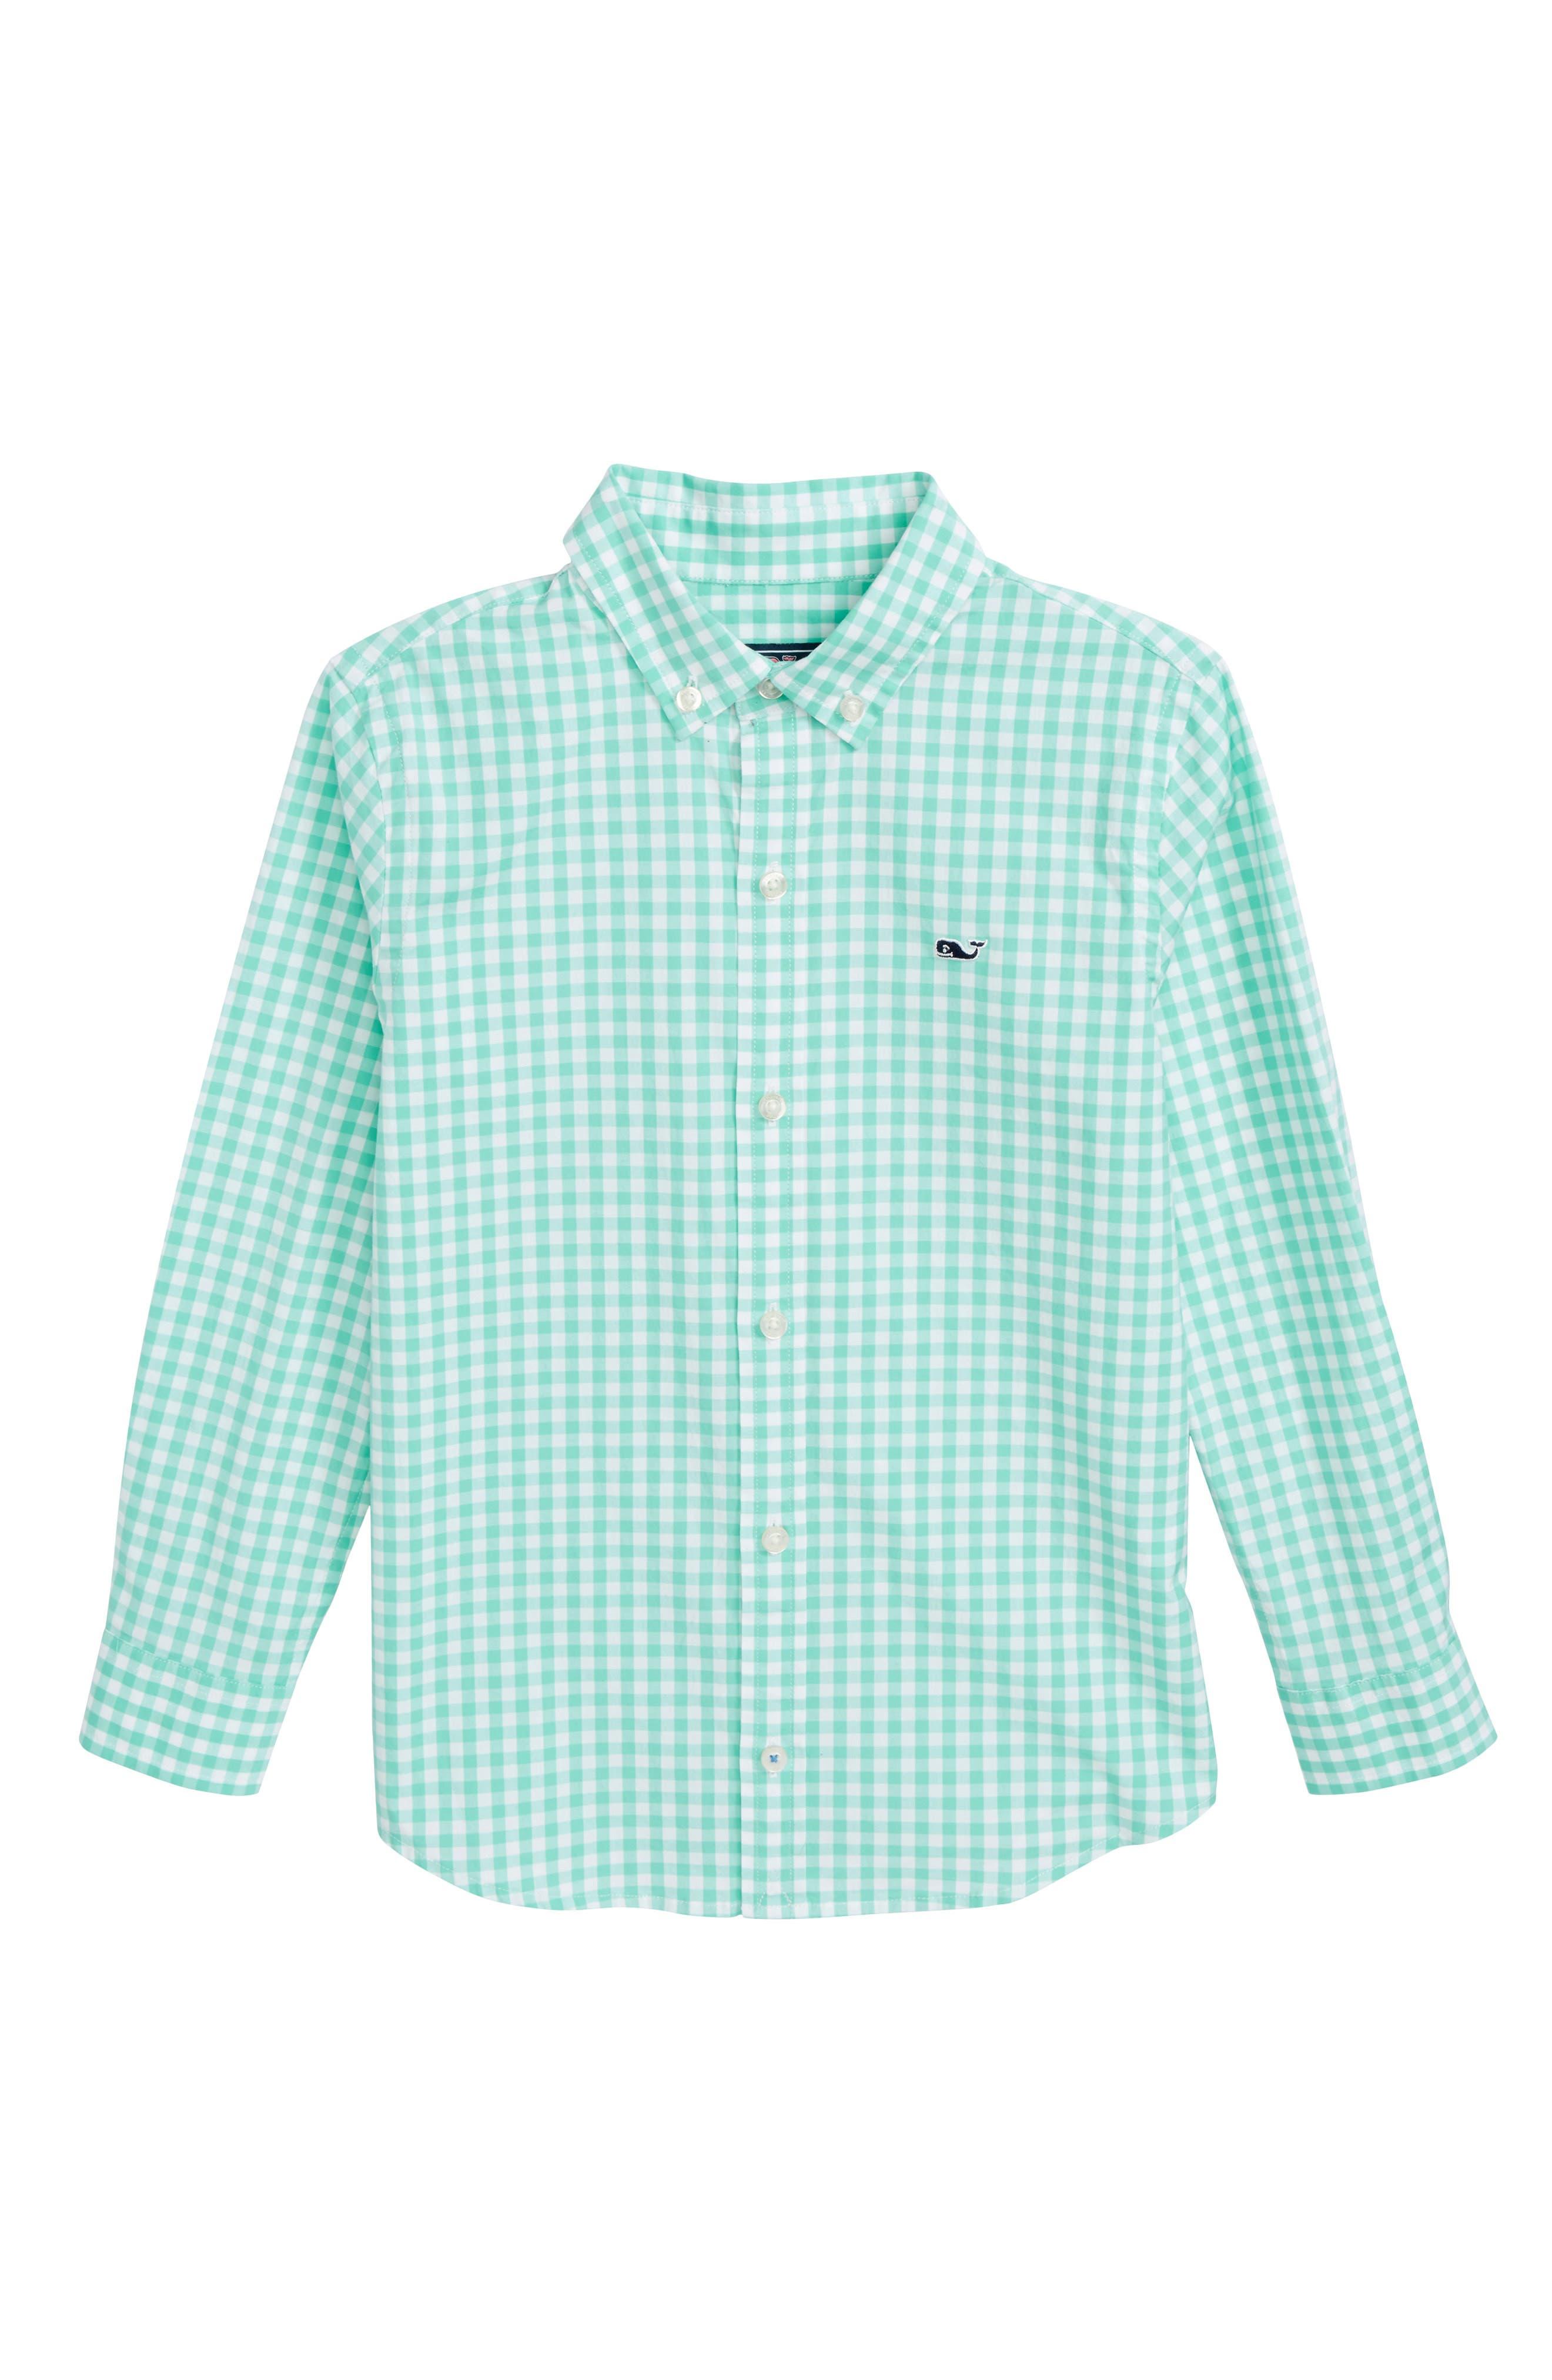 Carleton Gingham Shirt,                         Main,                         color,